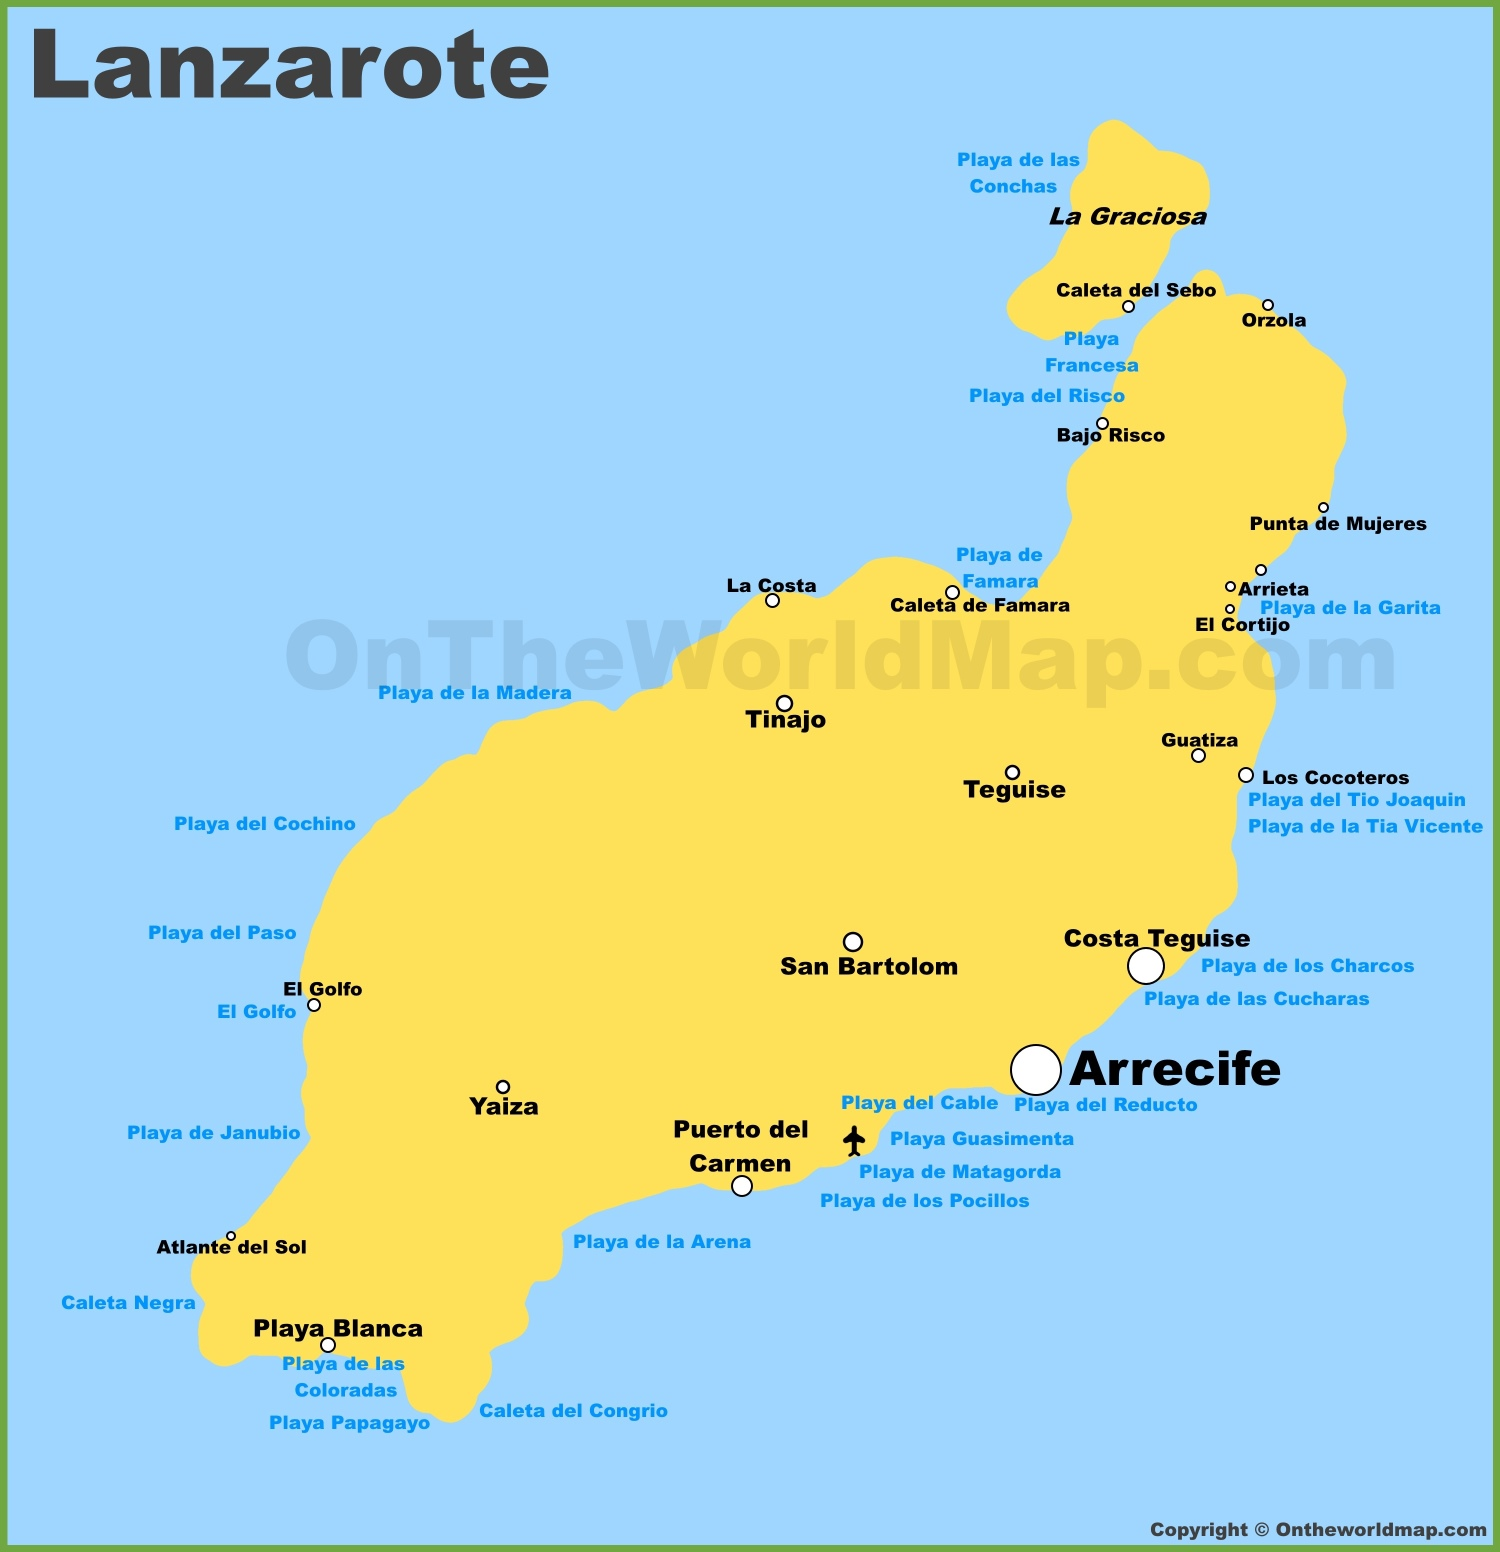 Cartina Lanzarote.Lanzarote Maps Canary Islands Spain Map Of Lanzarote